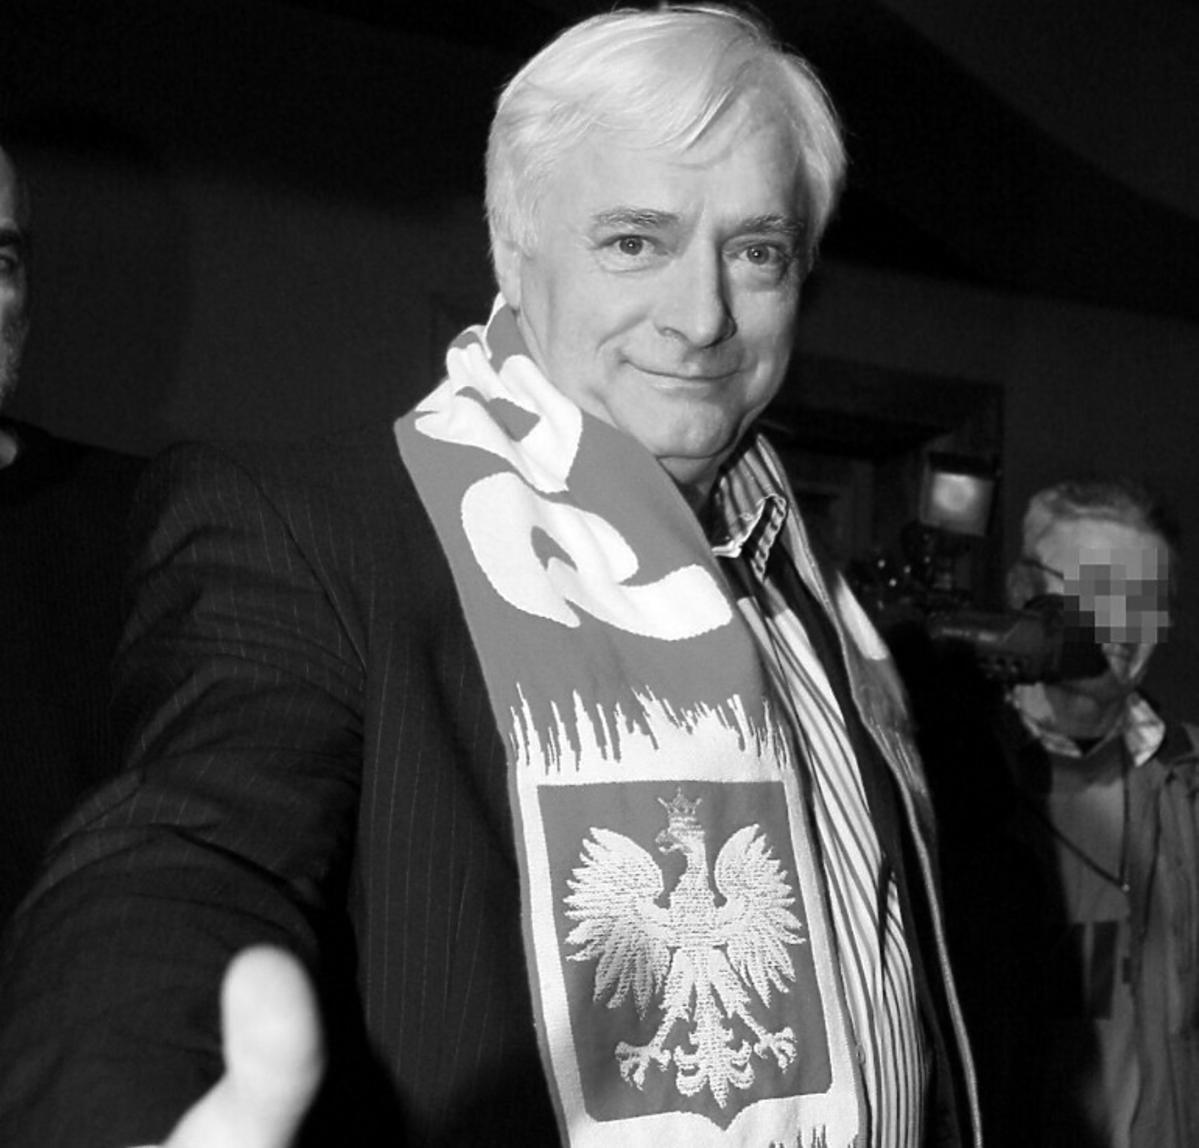 Ryszard Adamus czarno-białe zdjęcie